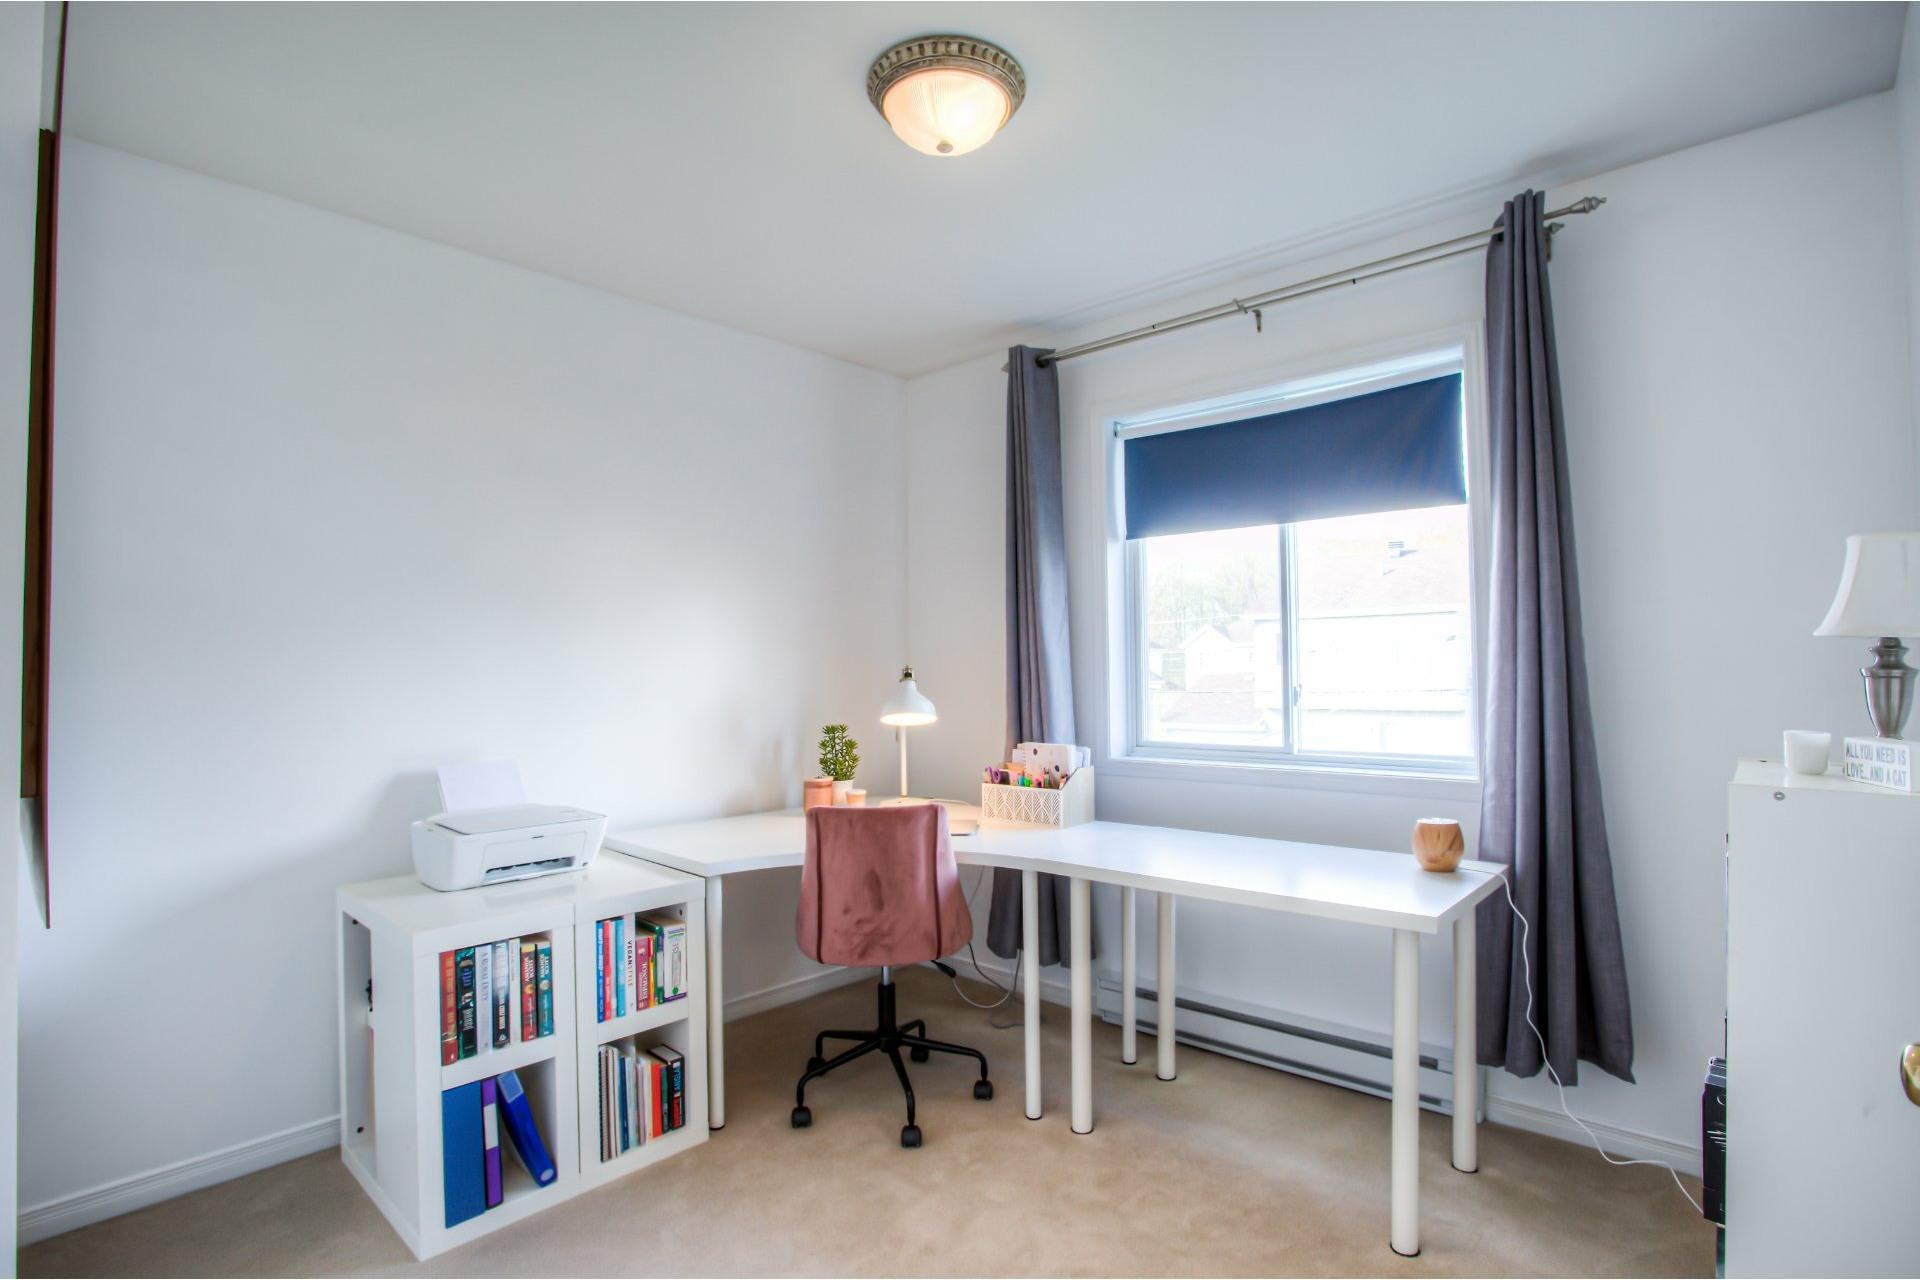 image 12 - Maison À vendre Vaudreuil-Dorion - 9 pièces